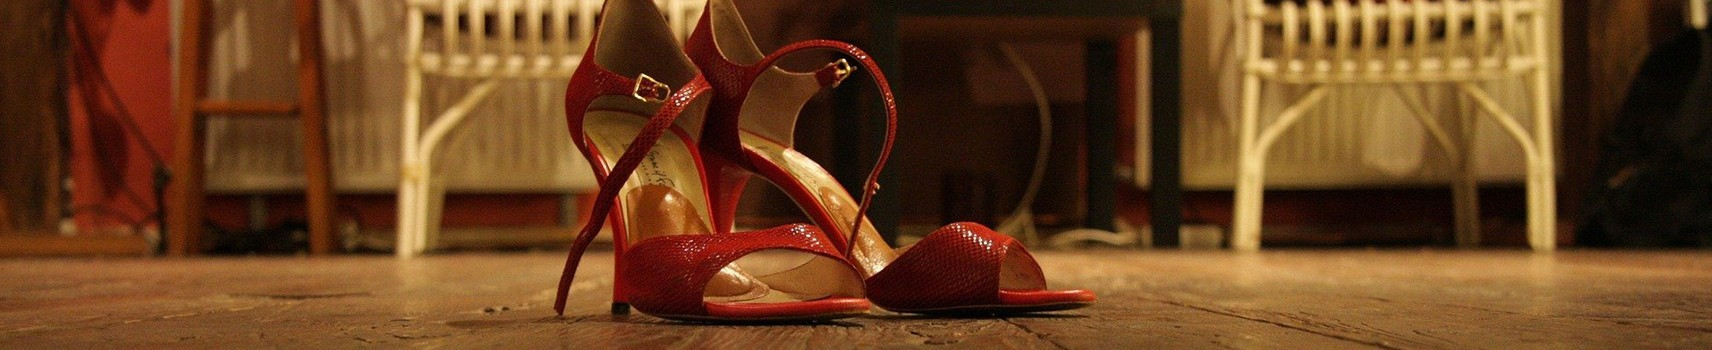 OUTLET | Sconto fino al 70% | Scarpe Donna Firmate | AGEMINA Boutique